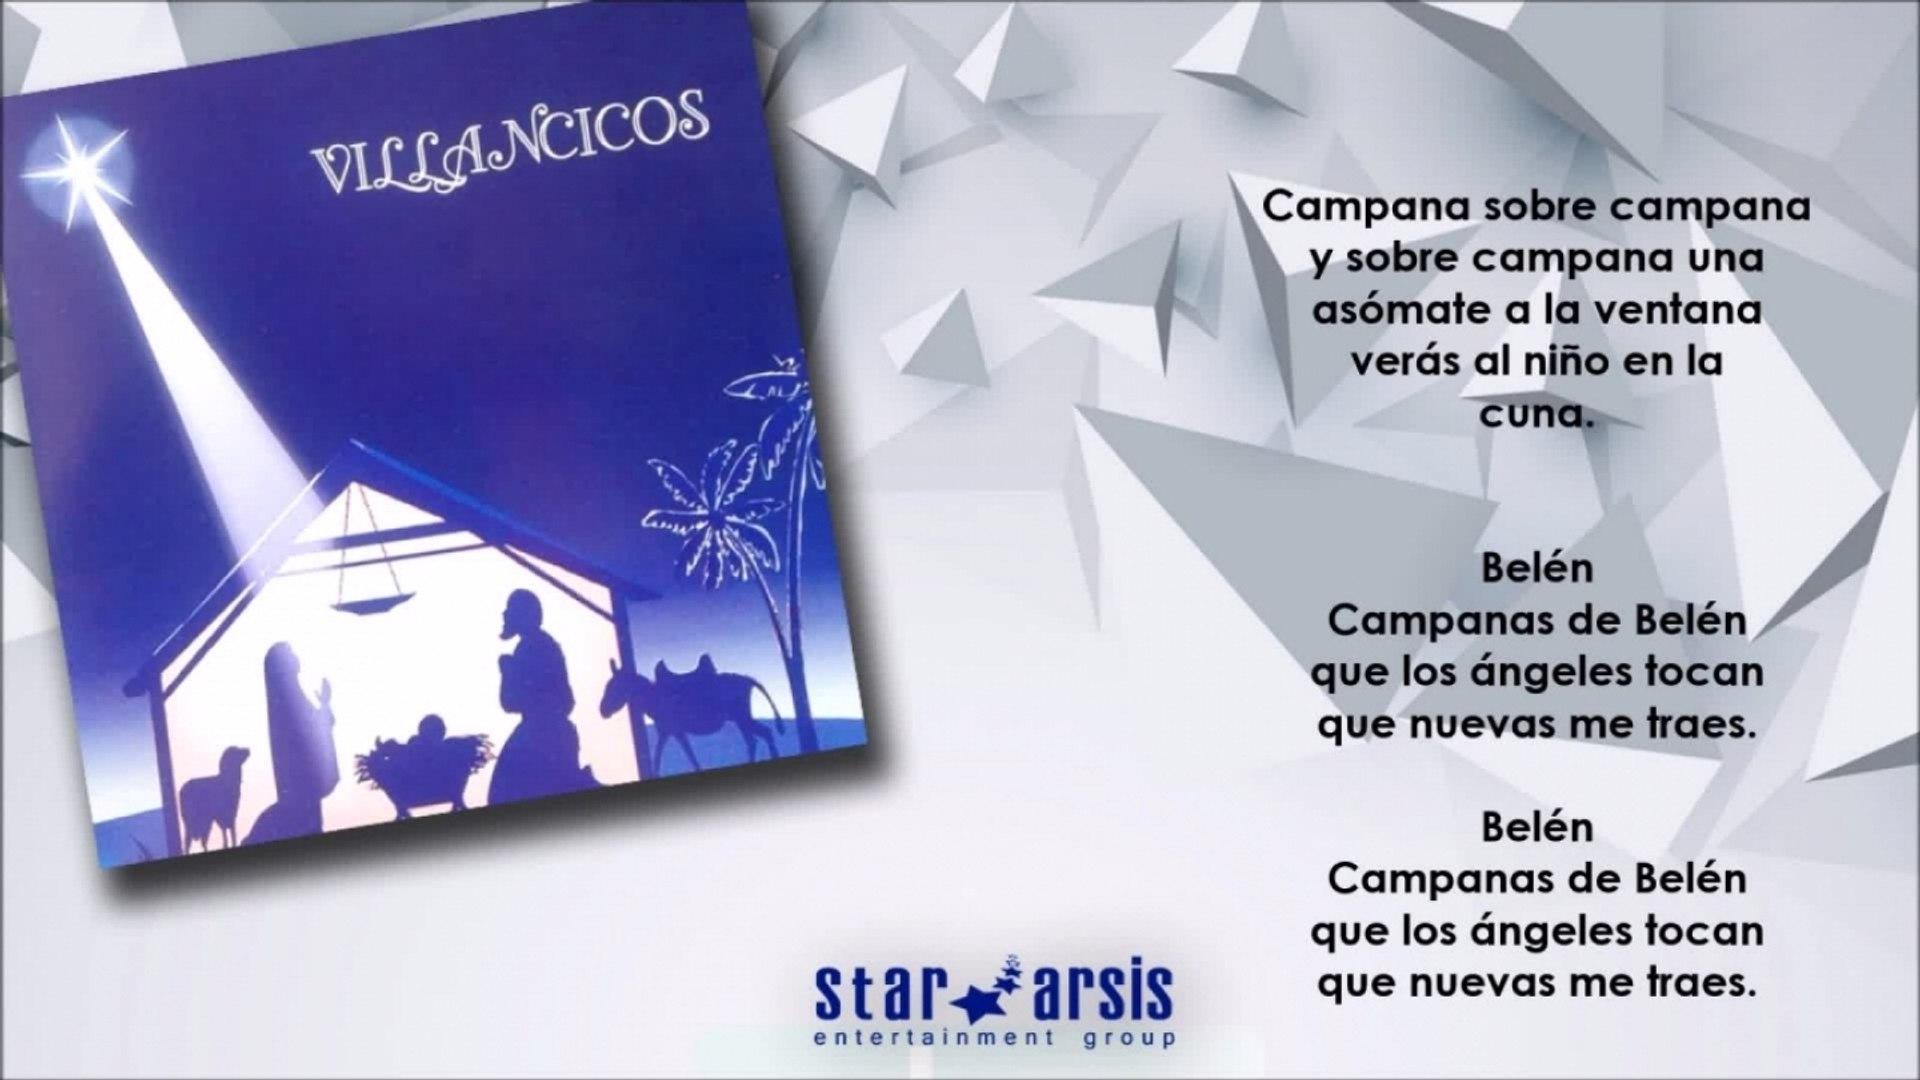 Imagenes De Villancicos Campana Sobre Campana.Villancicos Navidenos Campana Sobre Campana Audio Lyric